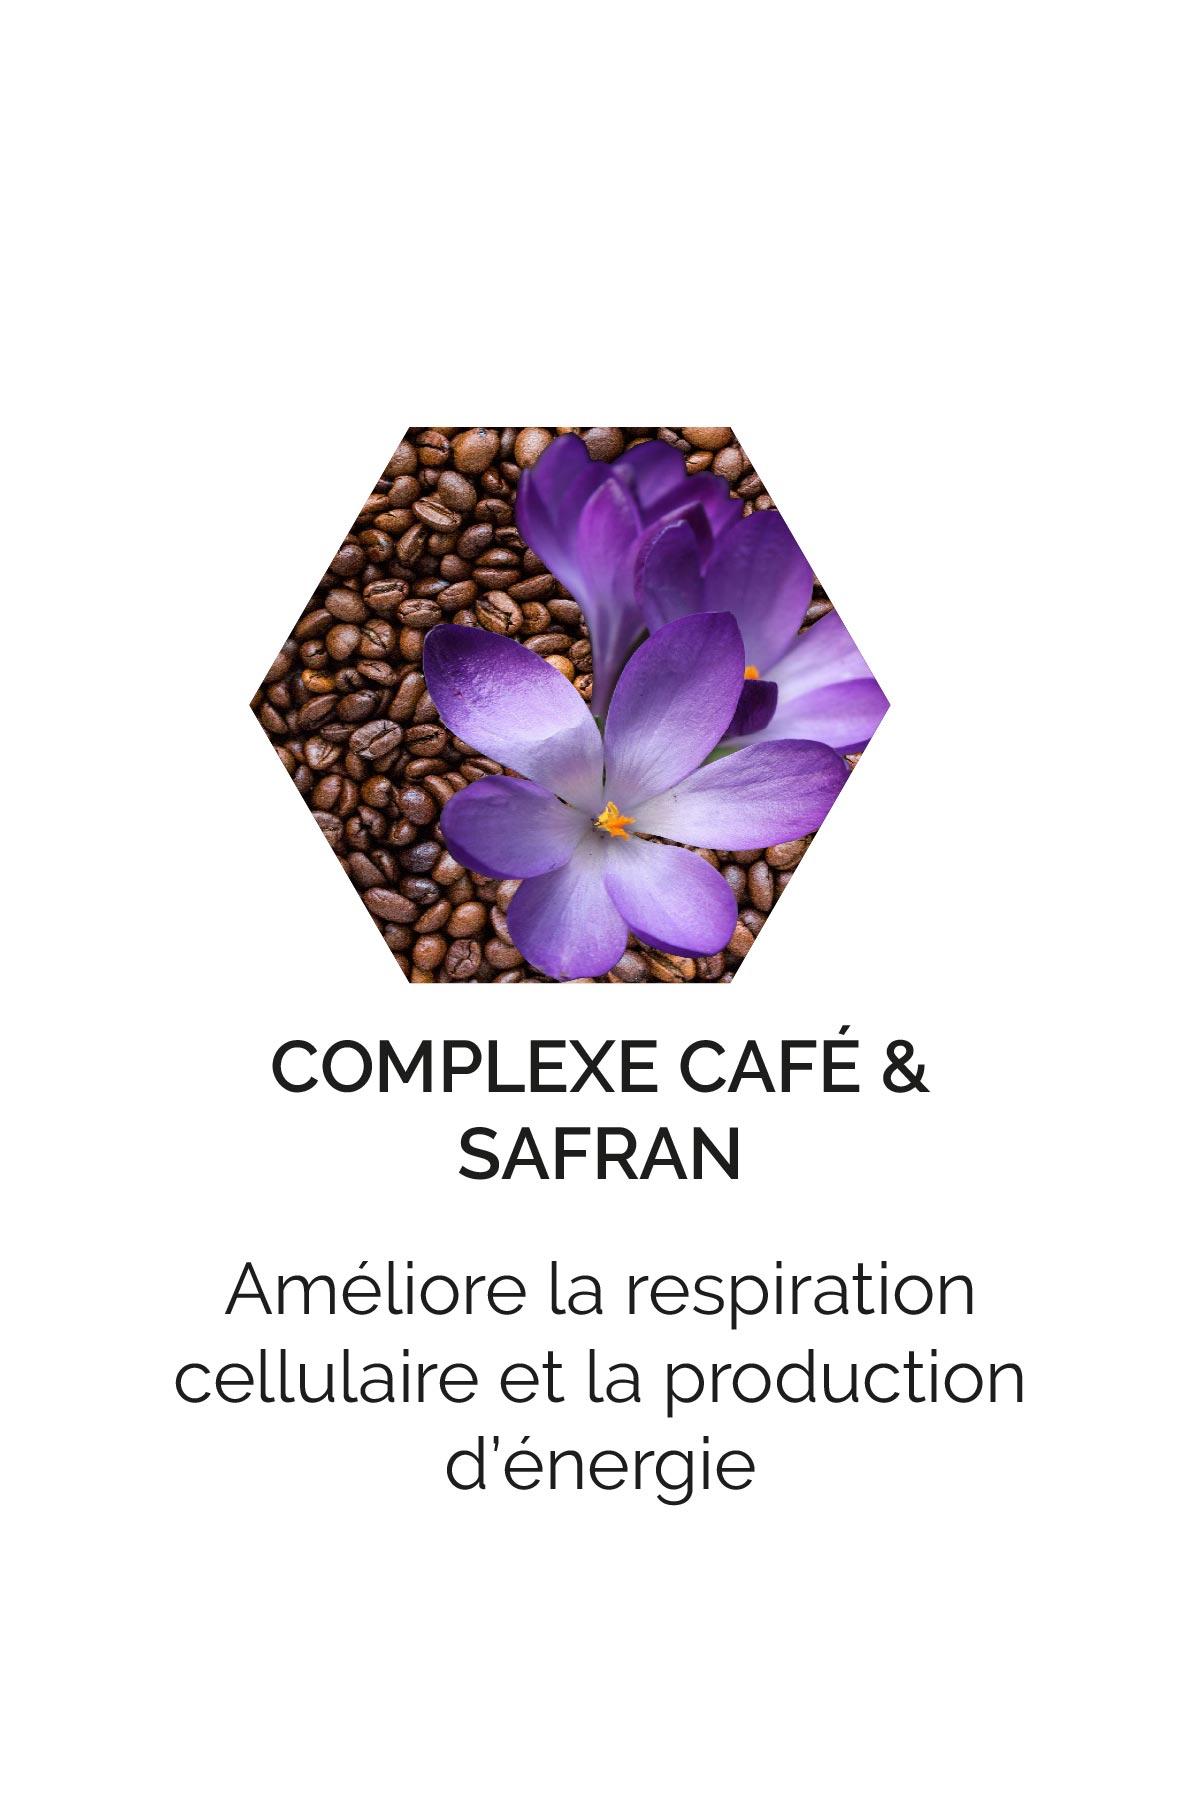 Complexe Café & Safran